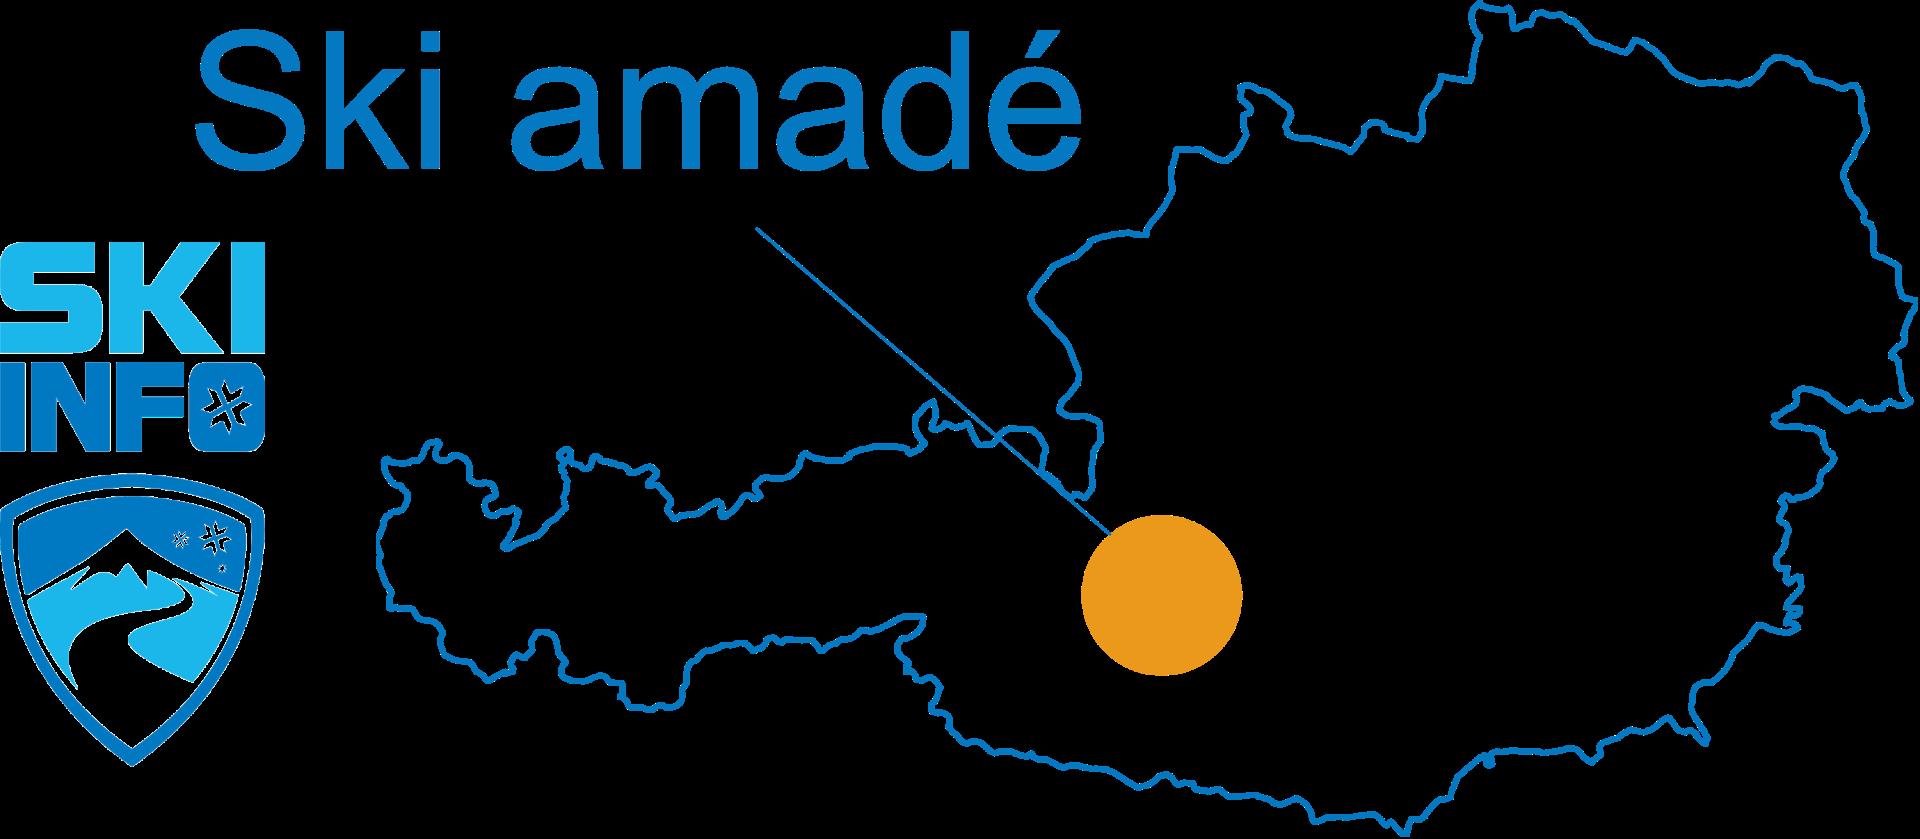 Karte Ski amadé